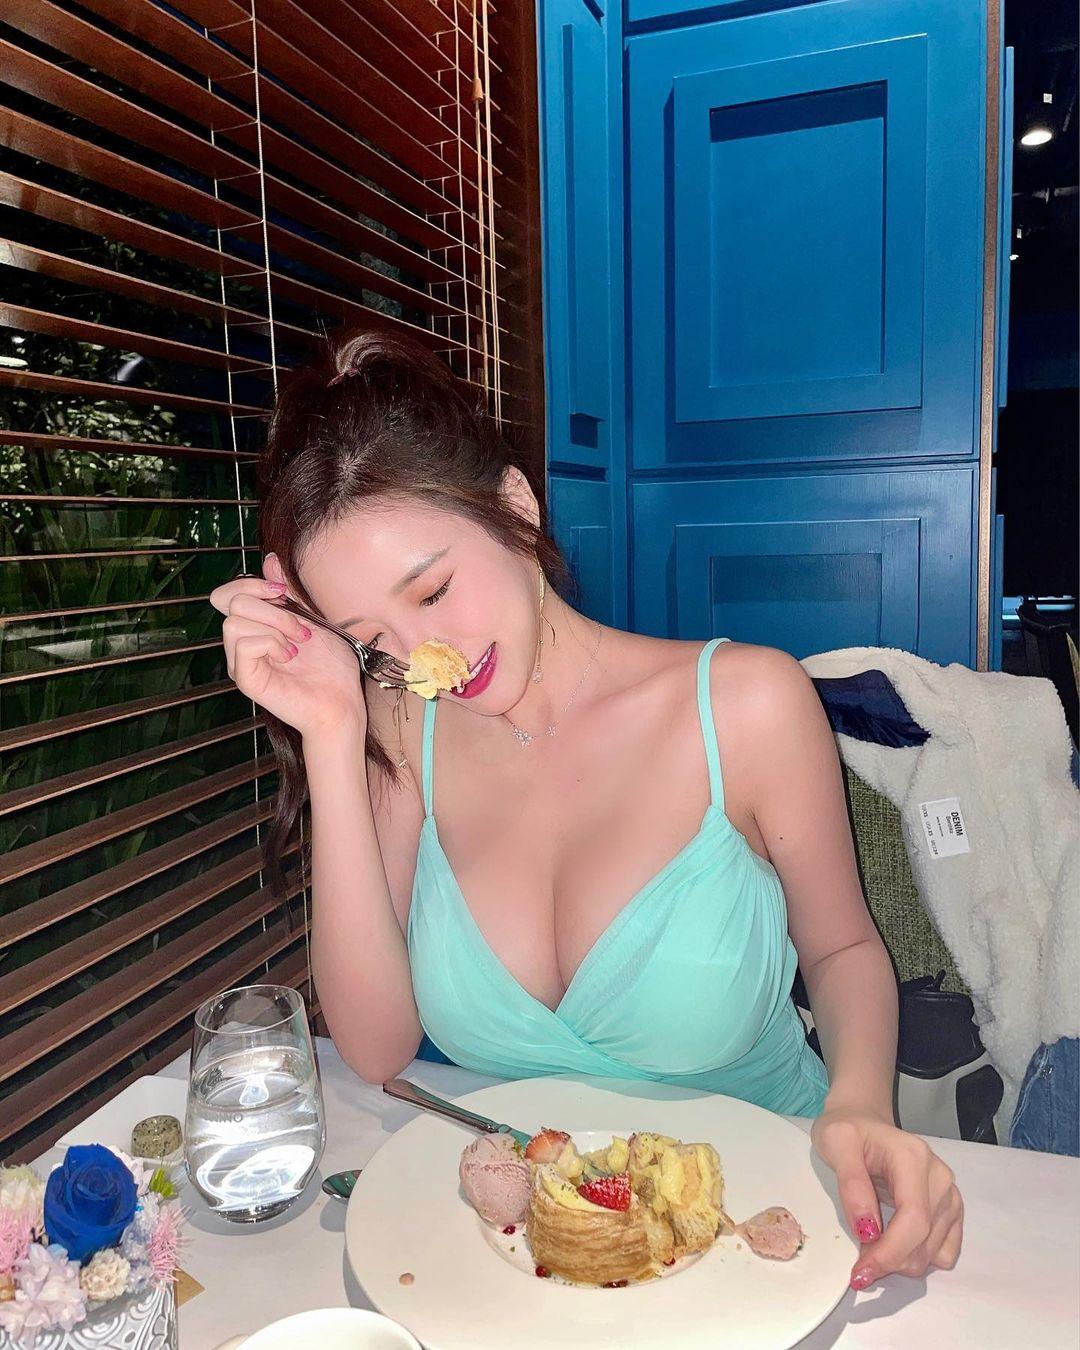 アンバー・ナ「大きすぎて机にバストが…」生放送前のセクシー・ディナーの様子を公開【画像3枚】の画像002